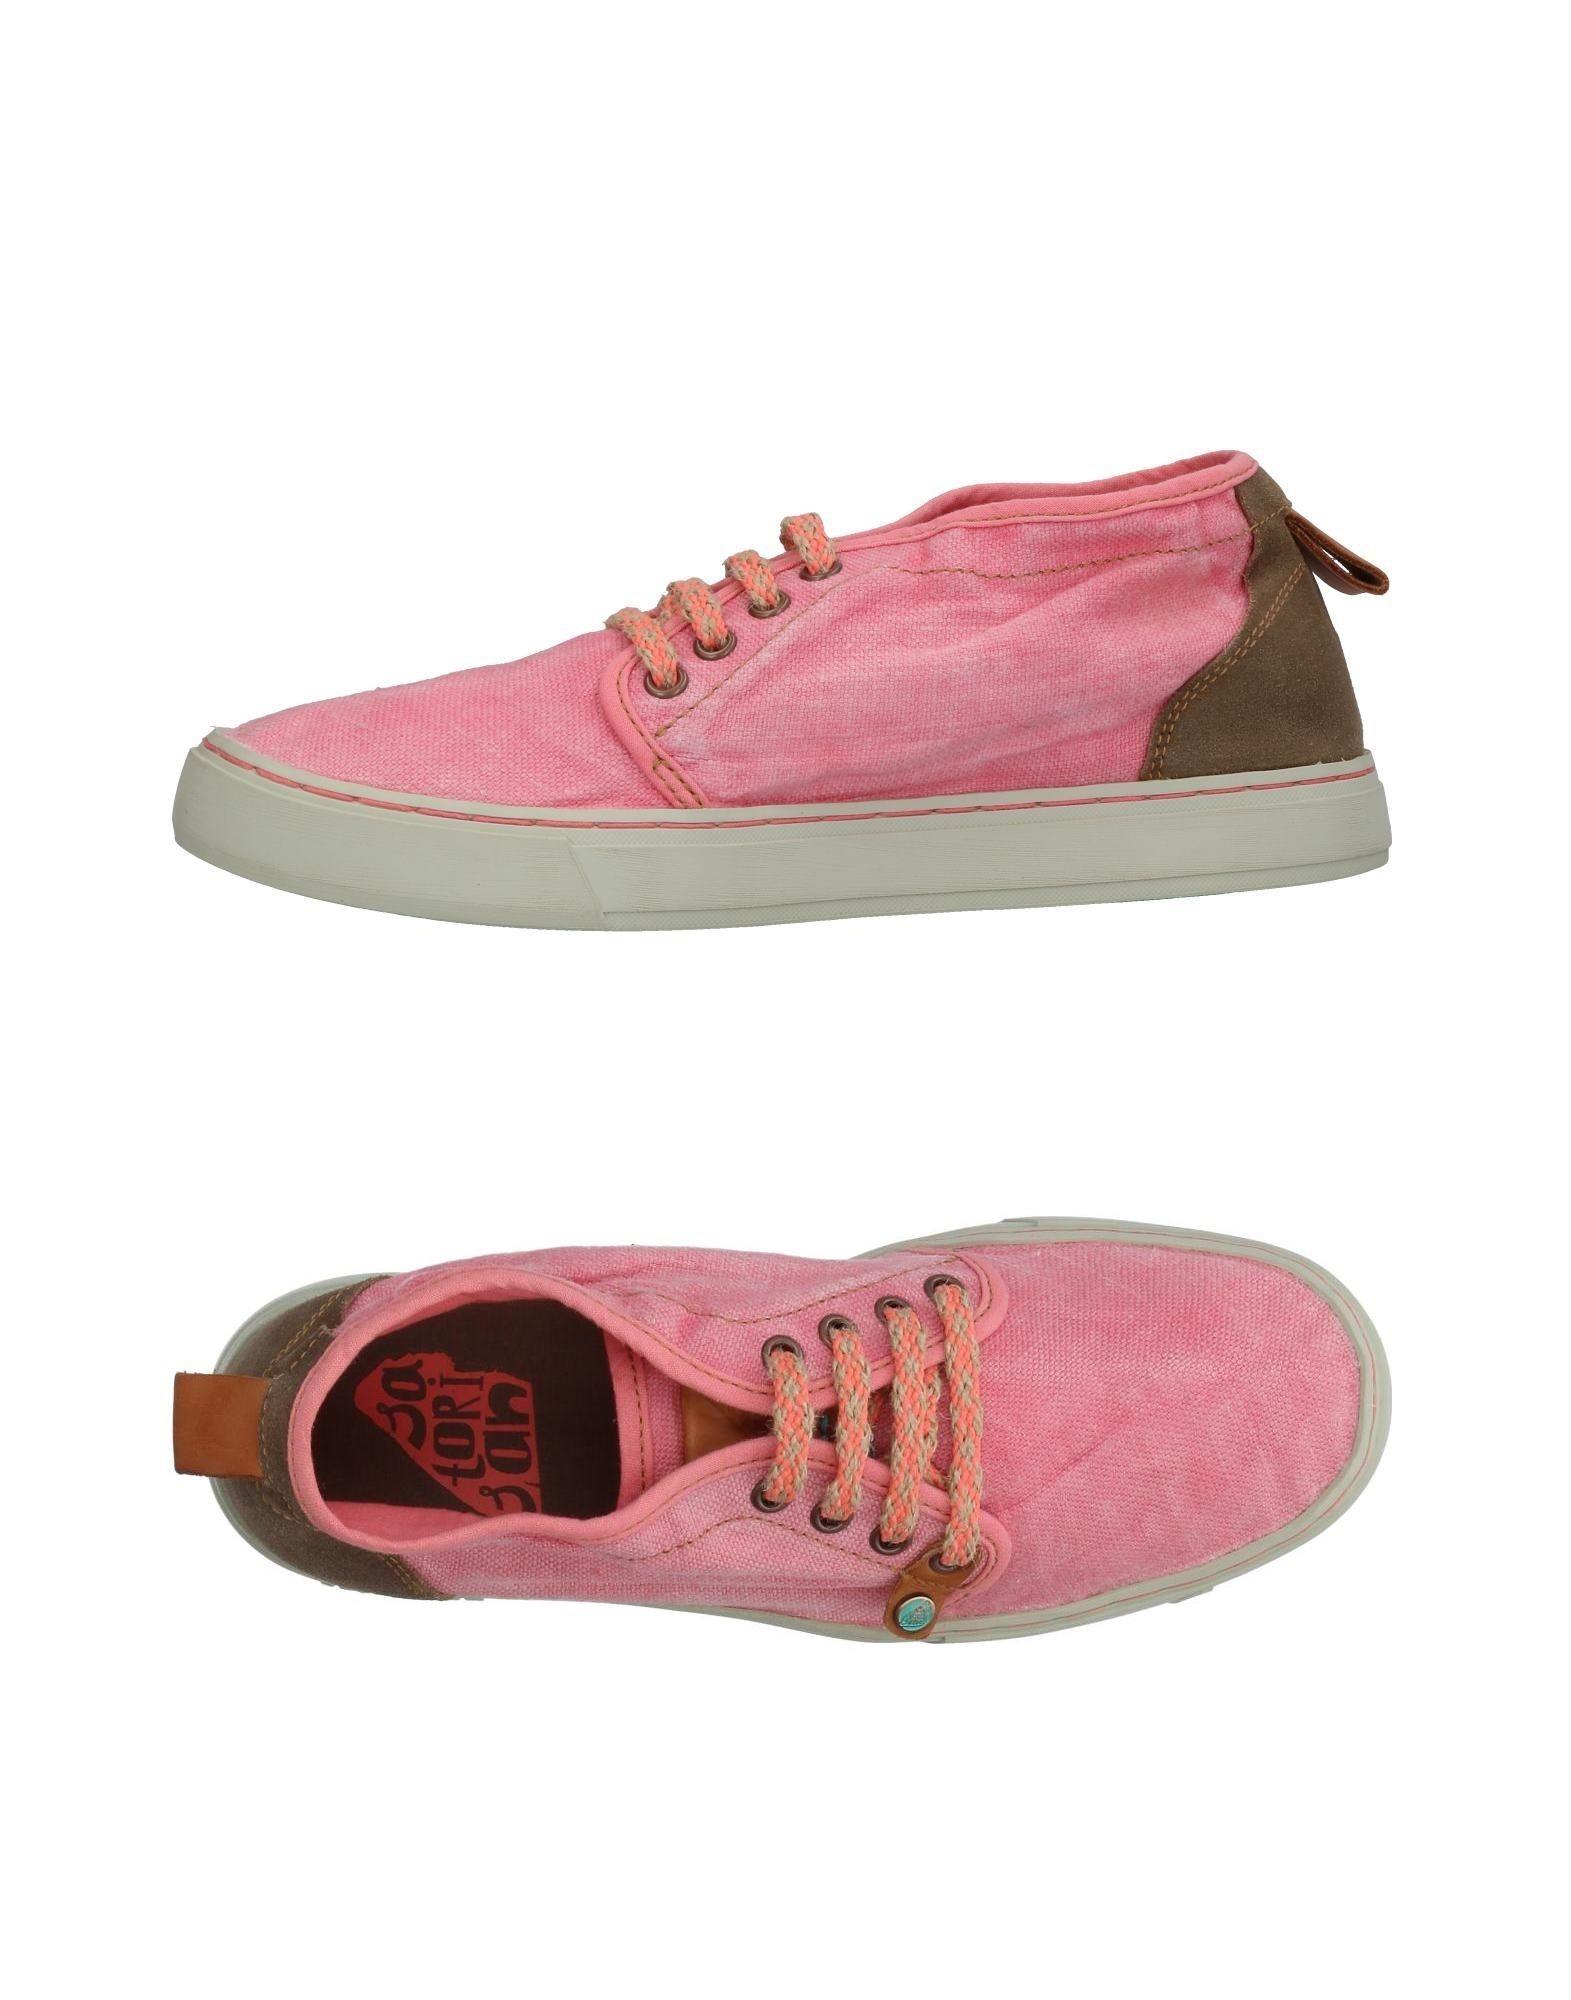 Rabatt echte Schuhe Satorisan Sneakers Herren  11119703JN